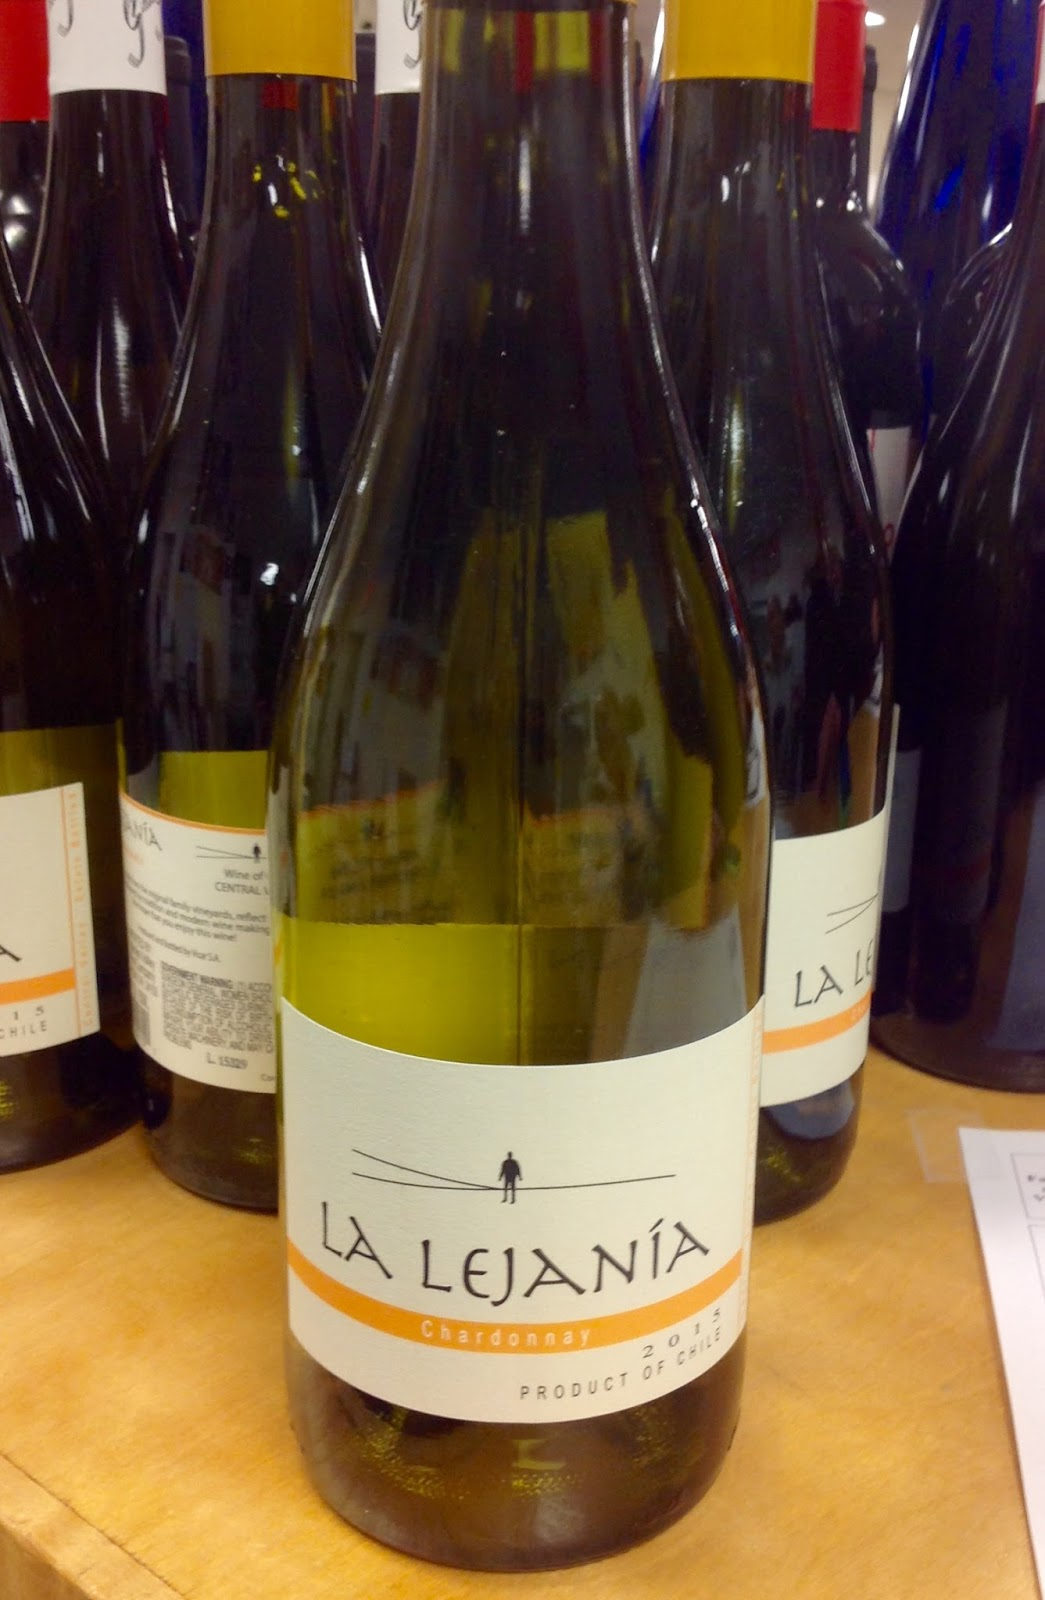 Tasting - La Lejania Chardonnay & Erinau0027s Wine Blog: Tasting - La Lejania Chardonnay